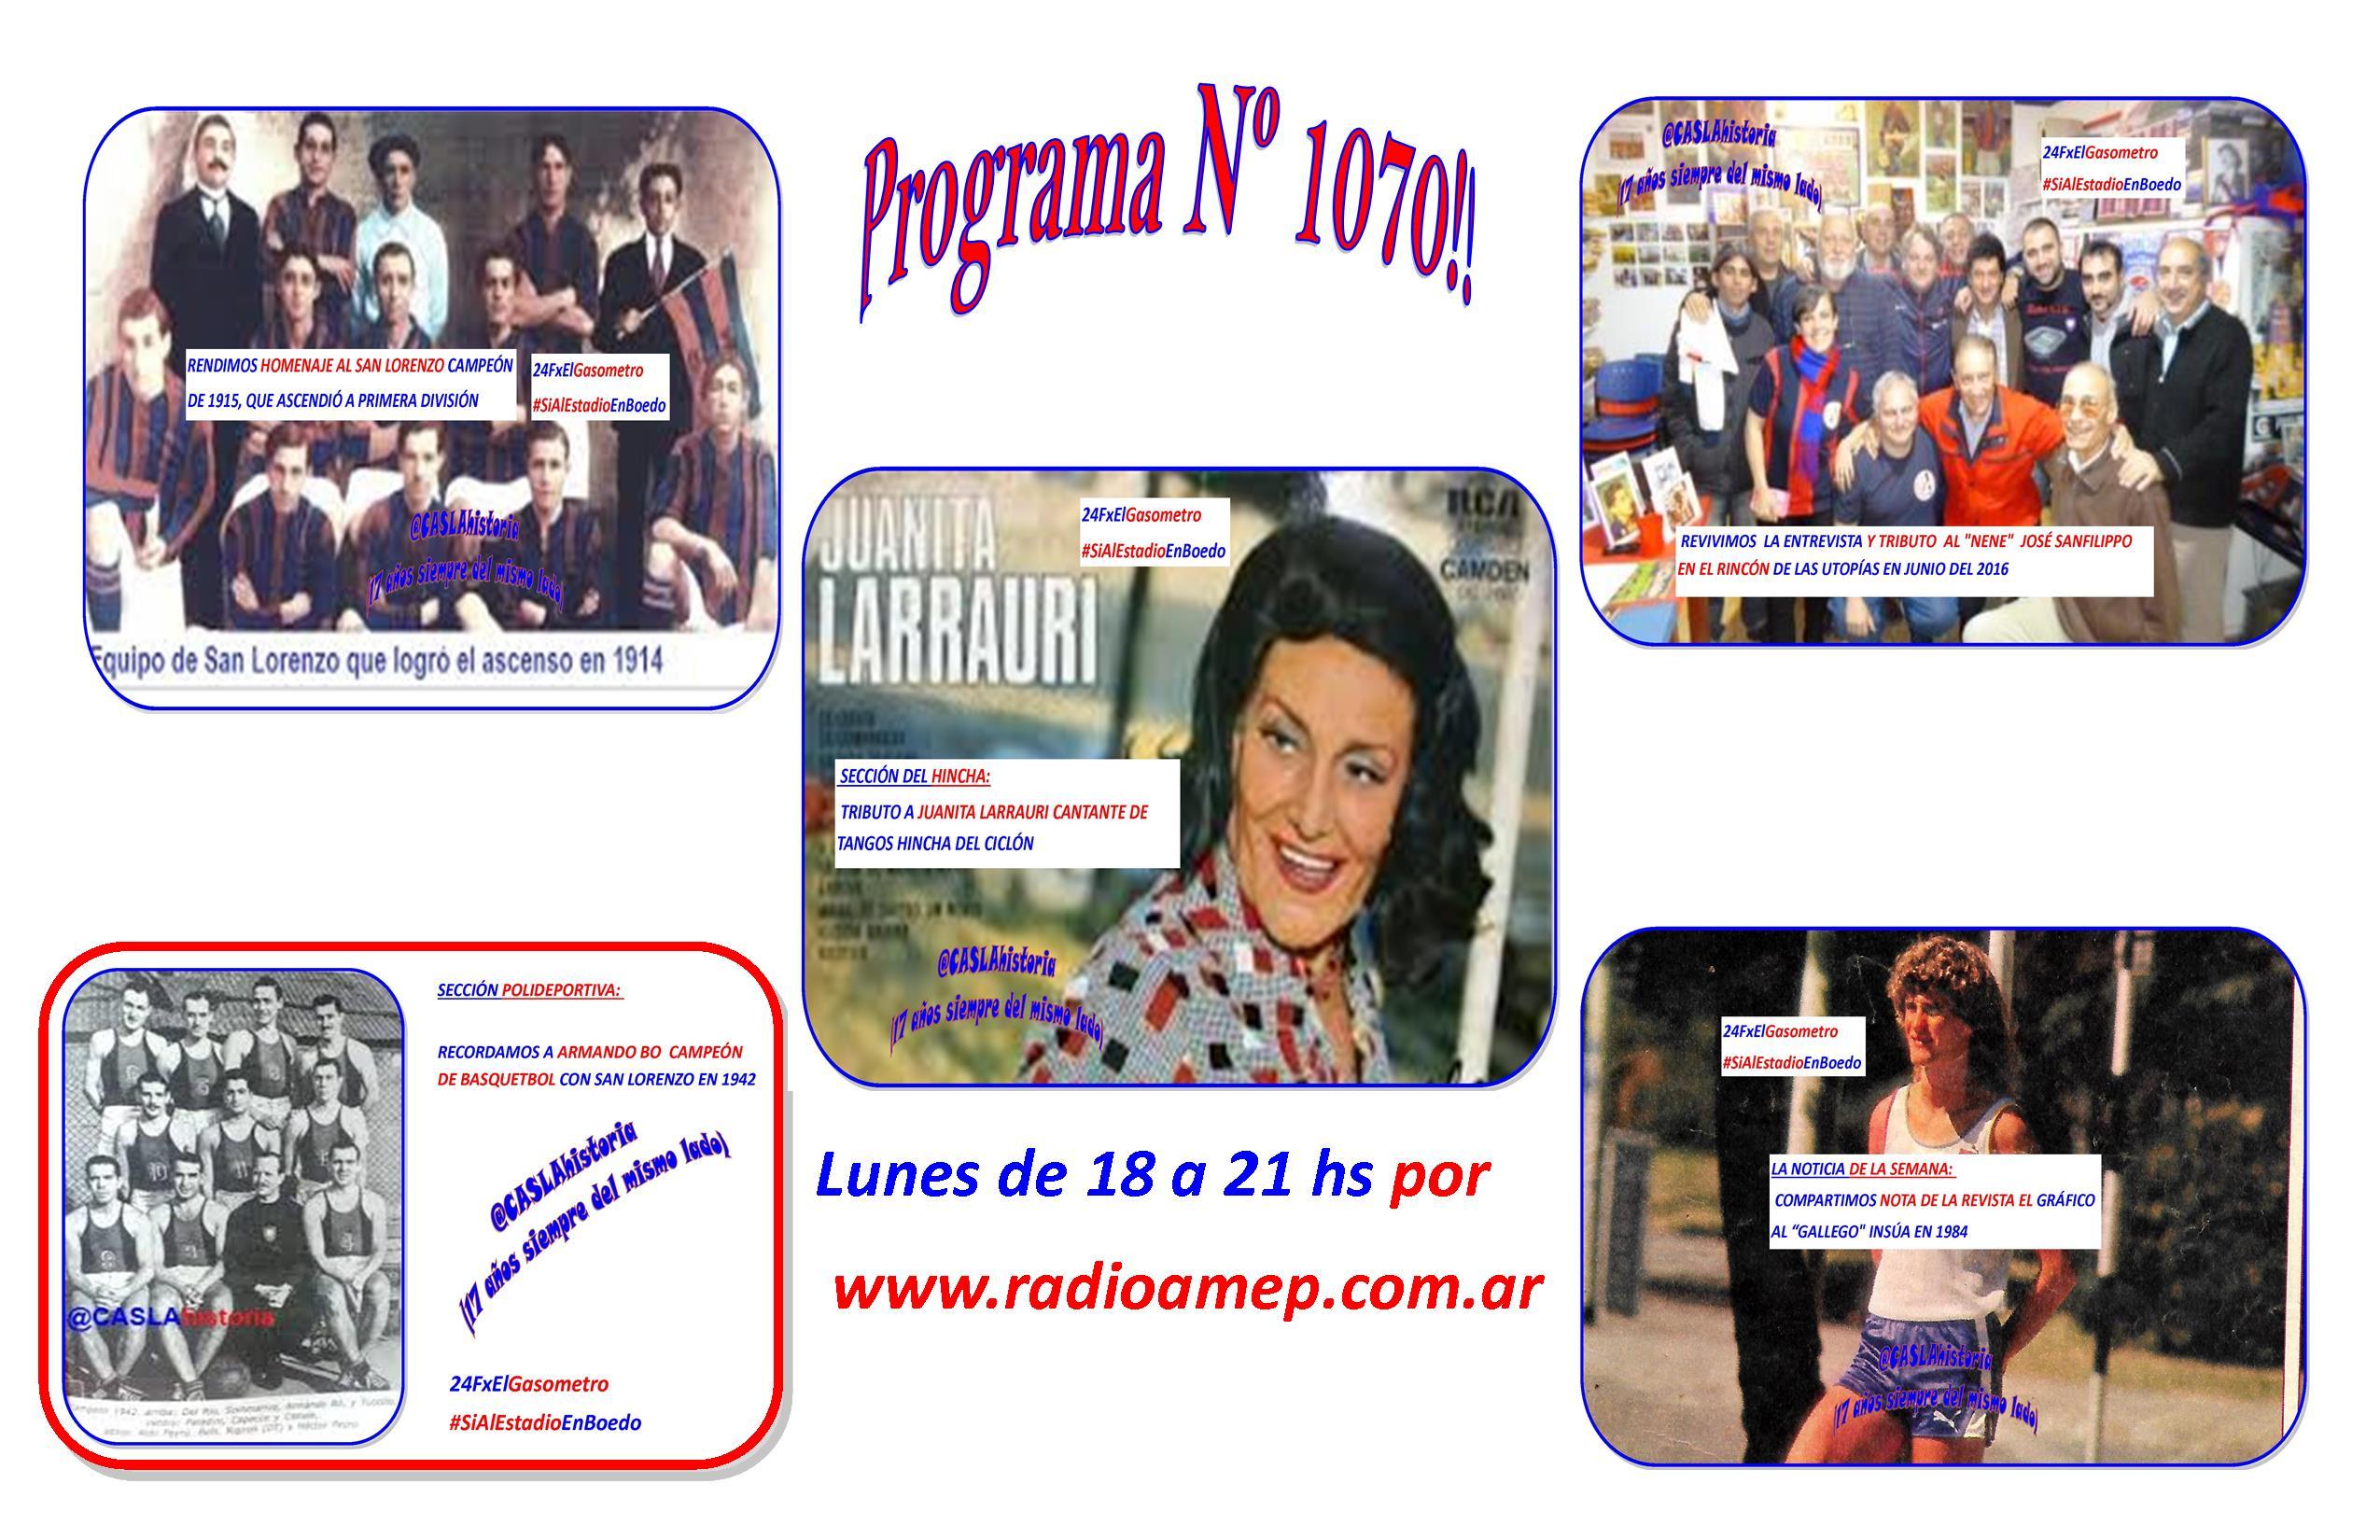 Programa Nº 1070 de Lunes de 18 a 21 hs por www.radioamep.com.ar !!!!